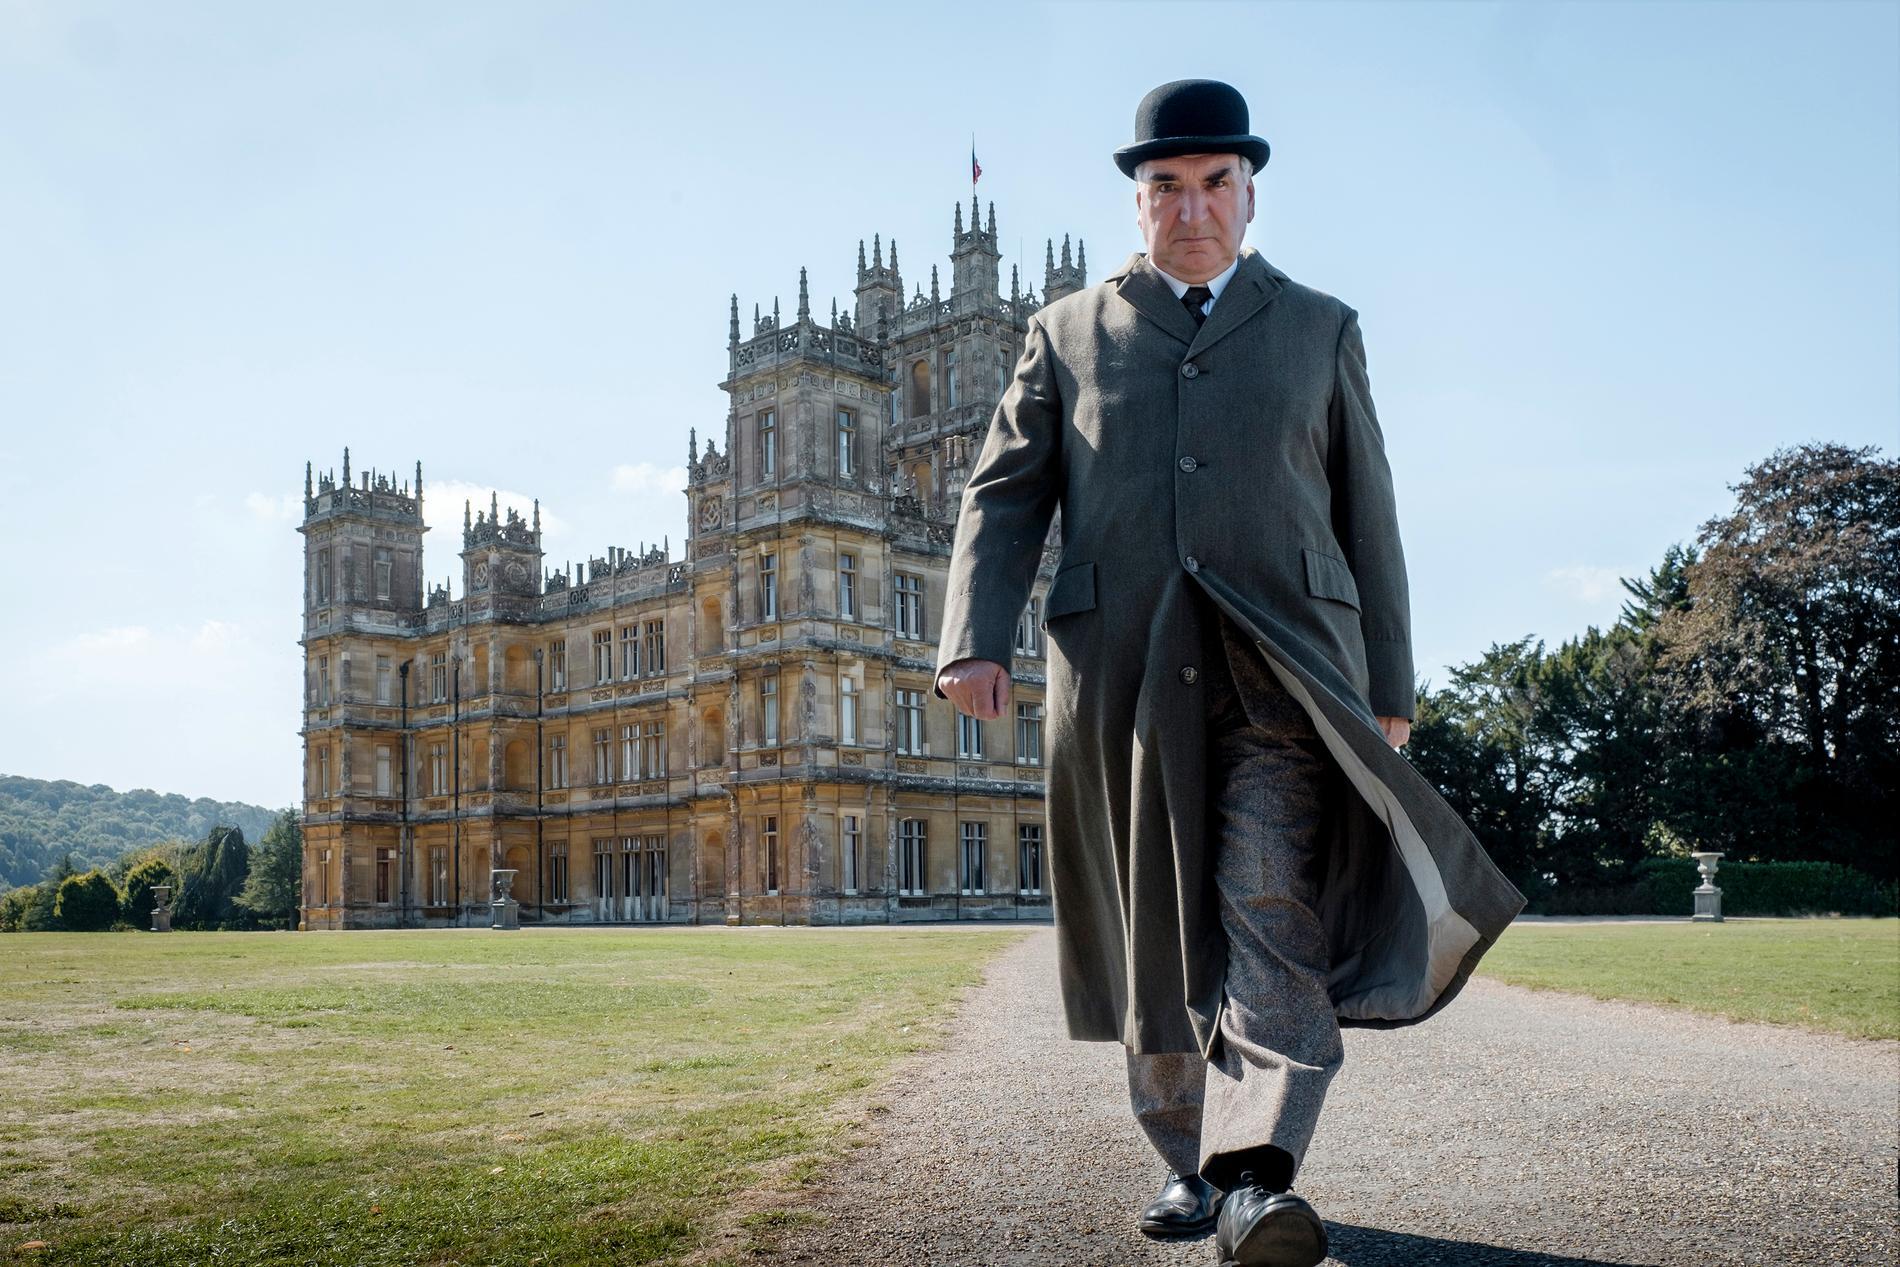 Filmen Downton Abbey hade svensk premiär 13 september.